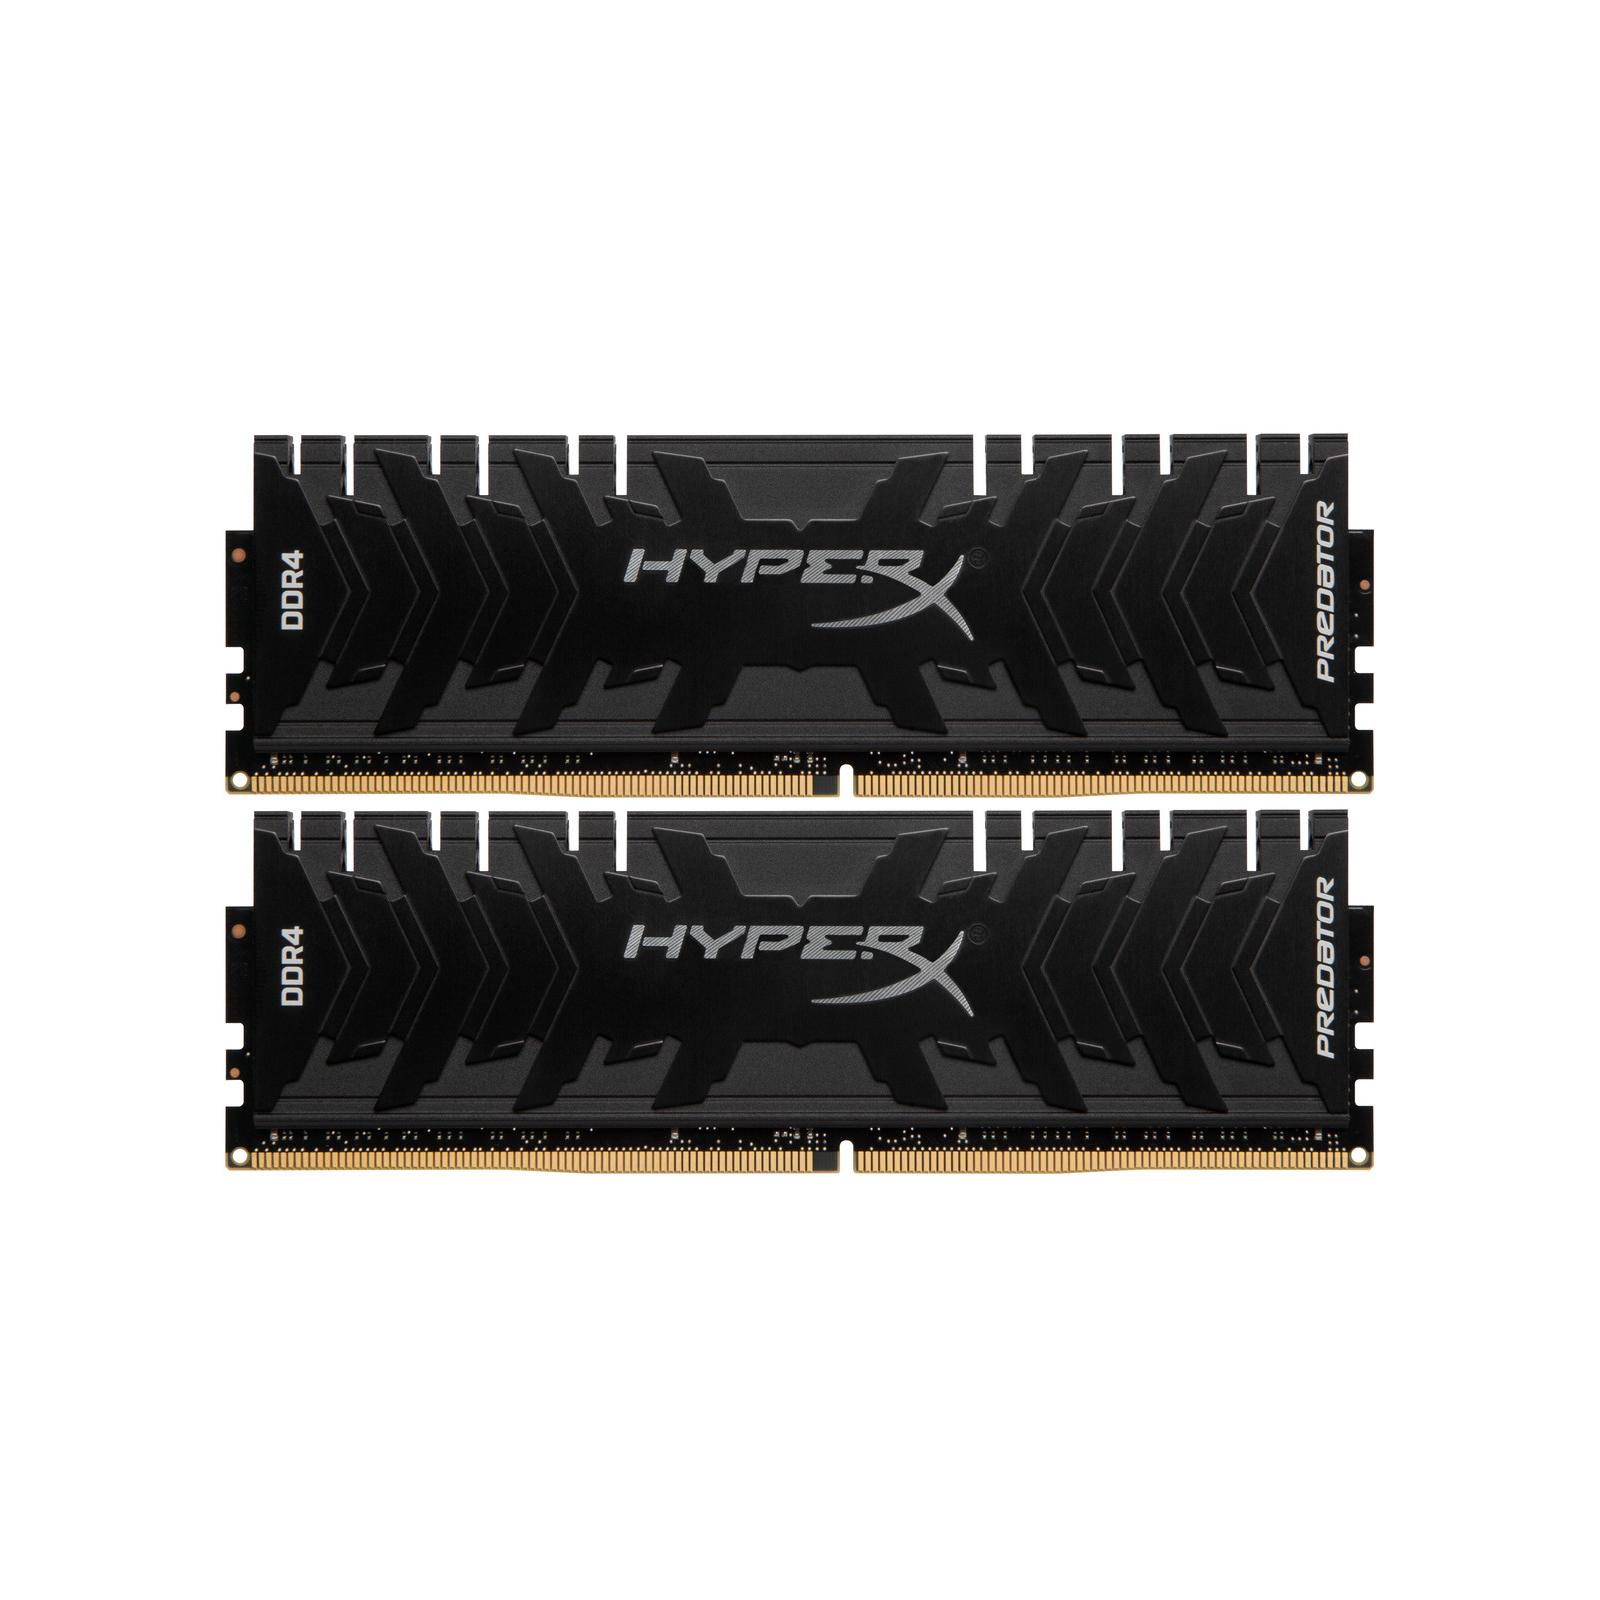 Модуль памяти для компьютера DDR4 16GB (2x8GB) 3600 MHz HyperX Predator Black Kingston (HX436C17PB4K2/16)